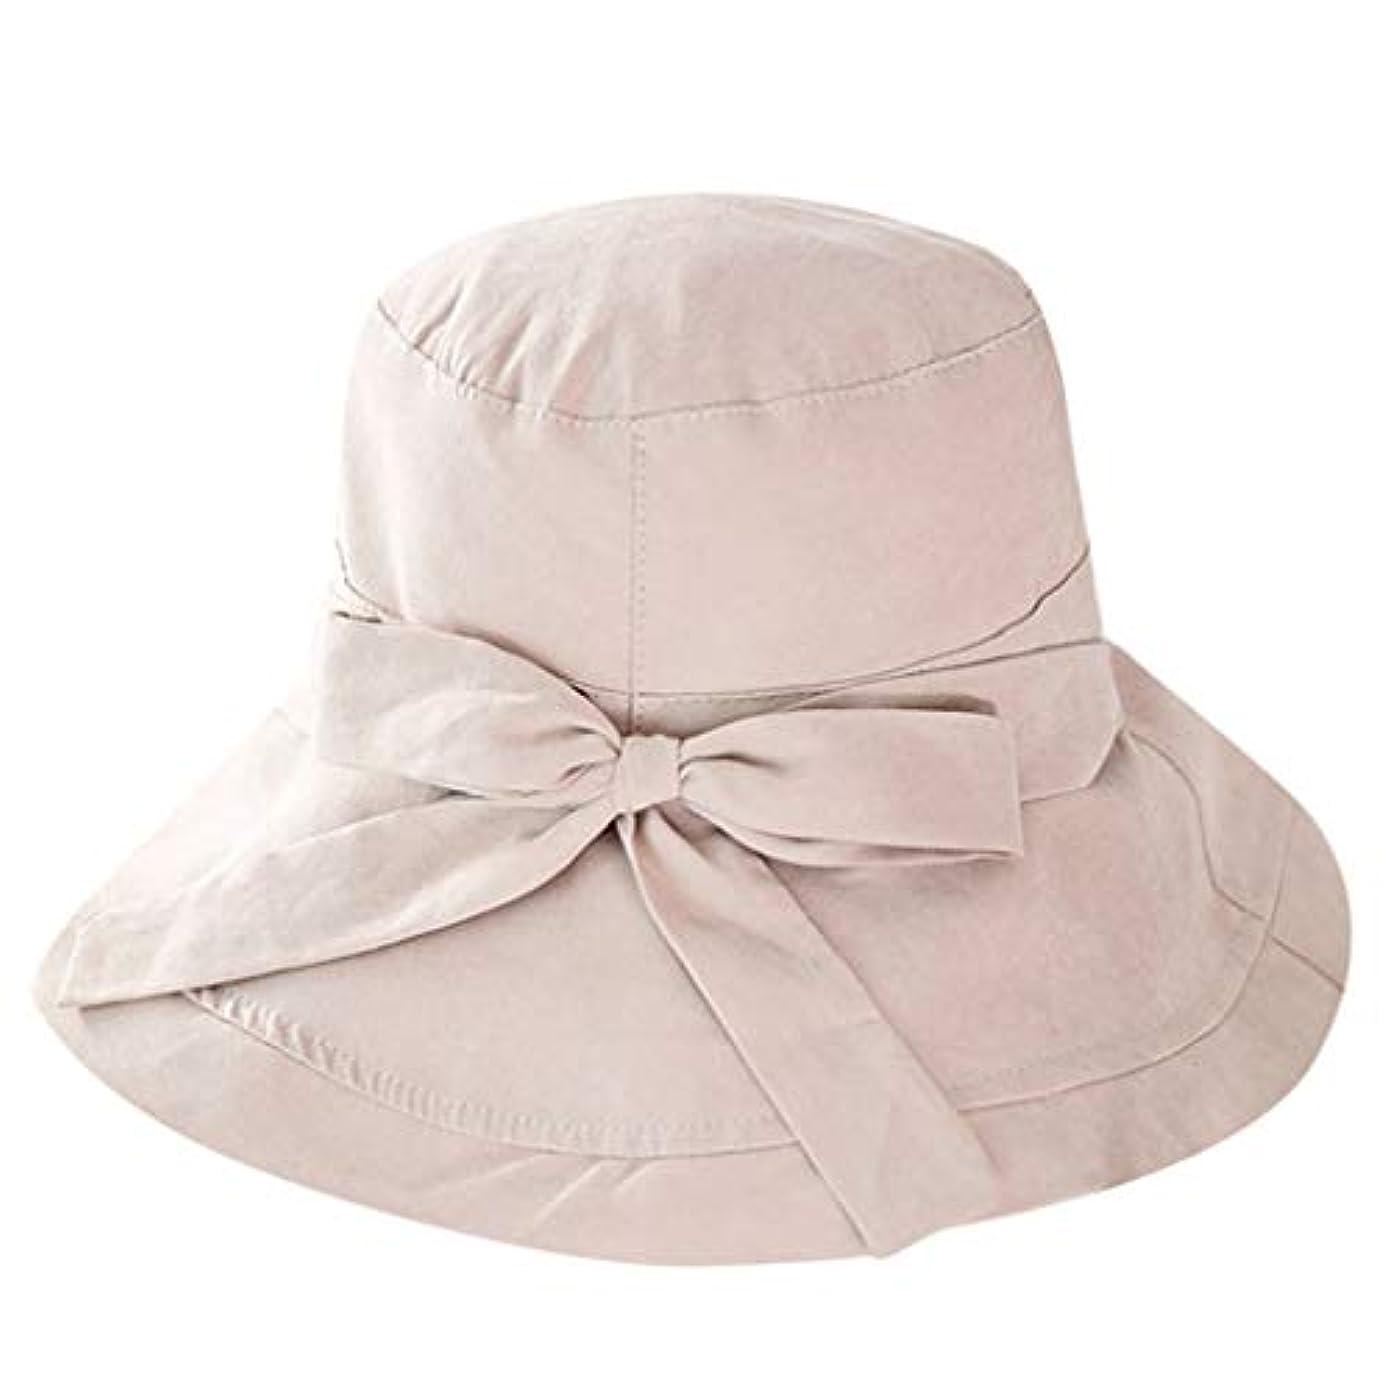 ランプ検索エンジンマーケティング節約する帽子 レディース 夏 綿 つば広い おしゃれ シンプル カジュアル UVカット 帽子 ハット レディース おしゃれ 可愛い 夏 小顔効果 折りたたみ サイズ調節可 蝶結び 森ガール オールシーズン ROSE ROMAN